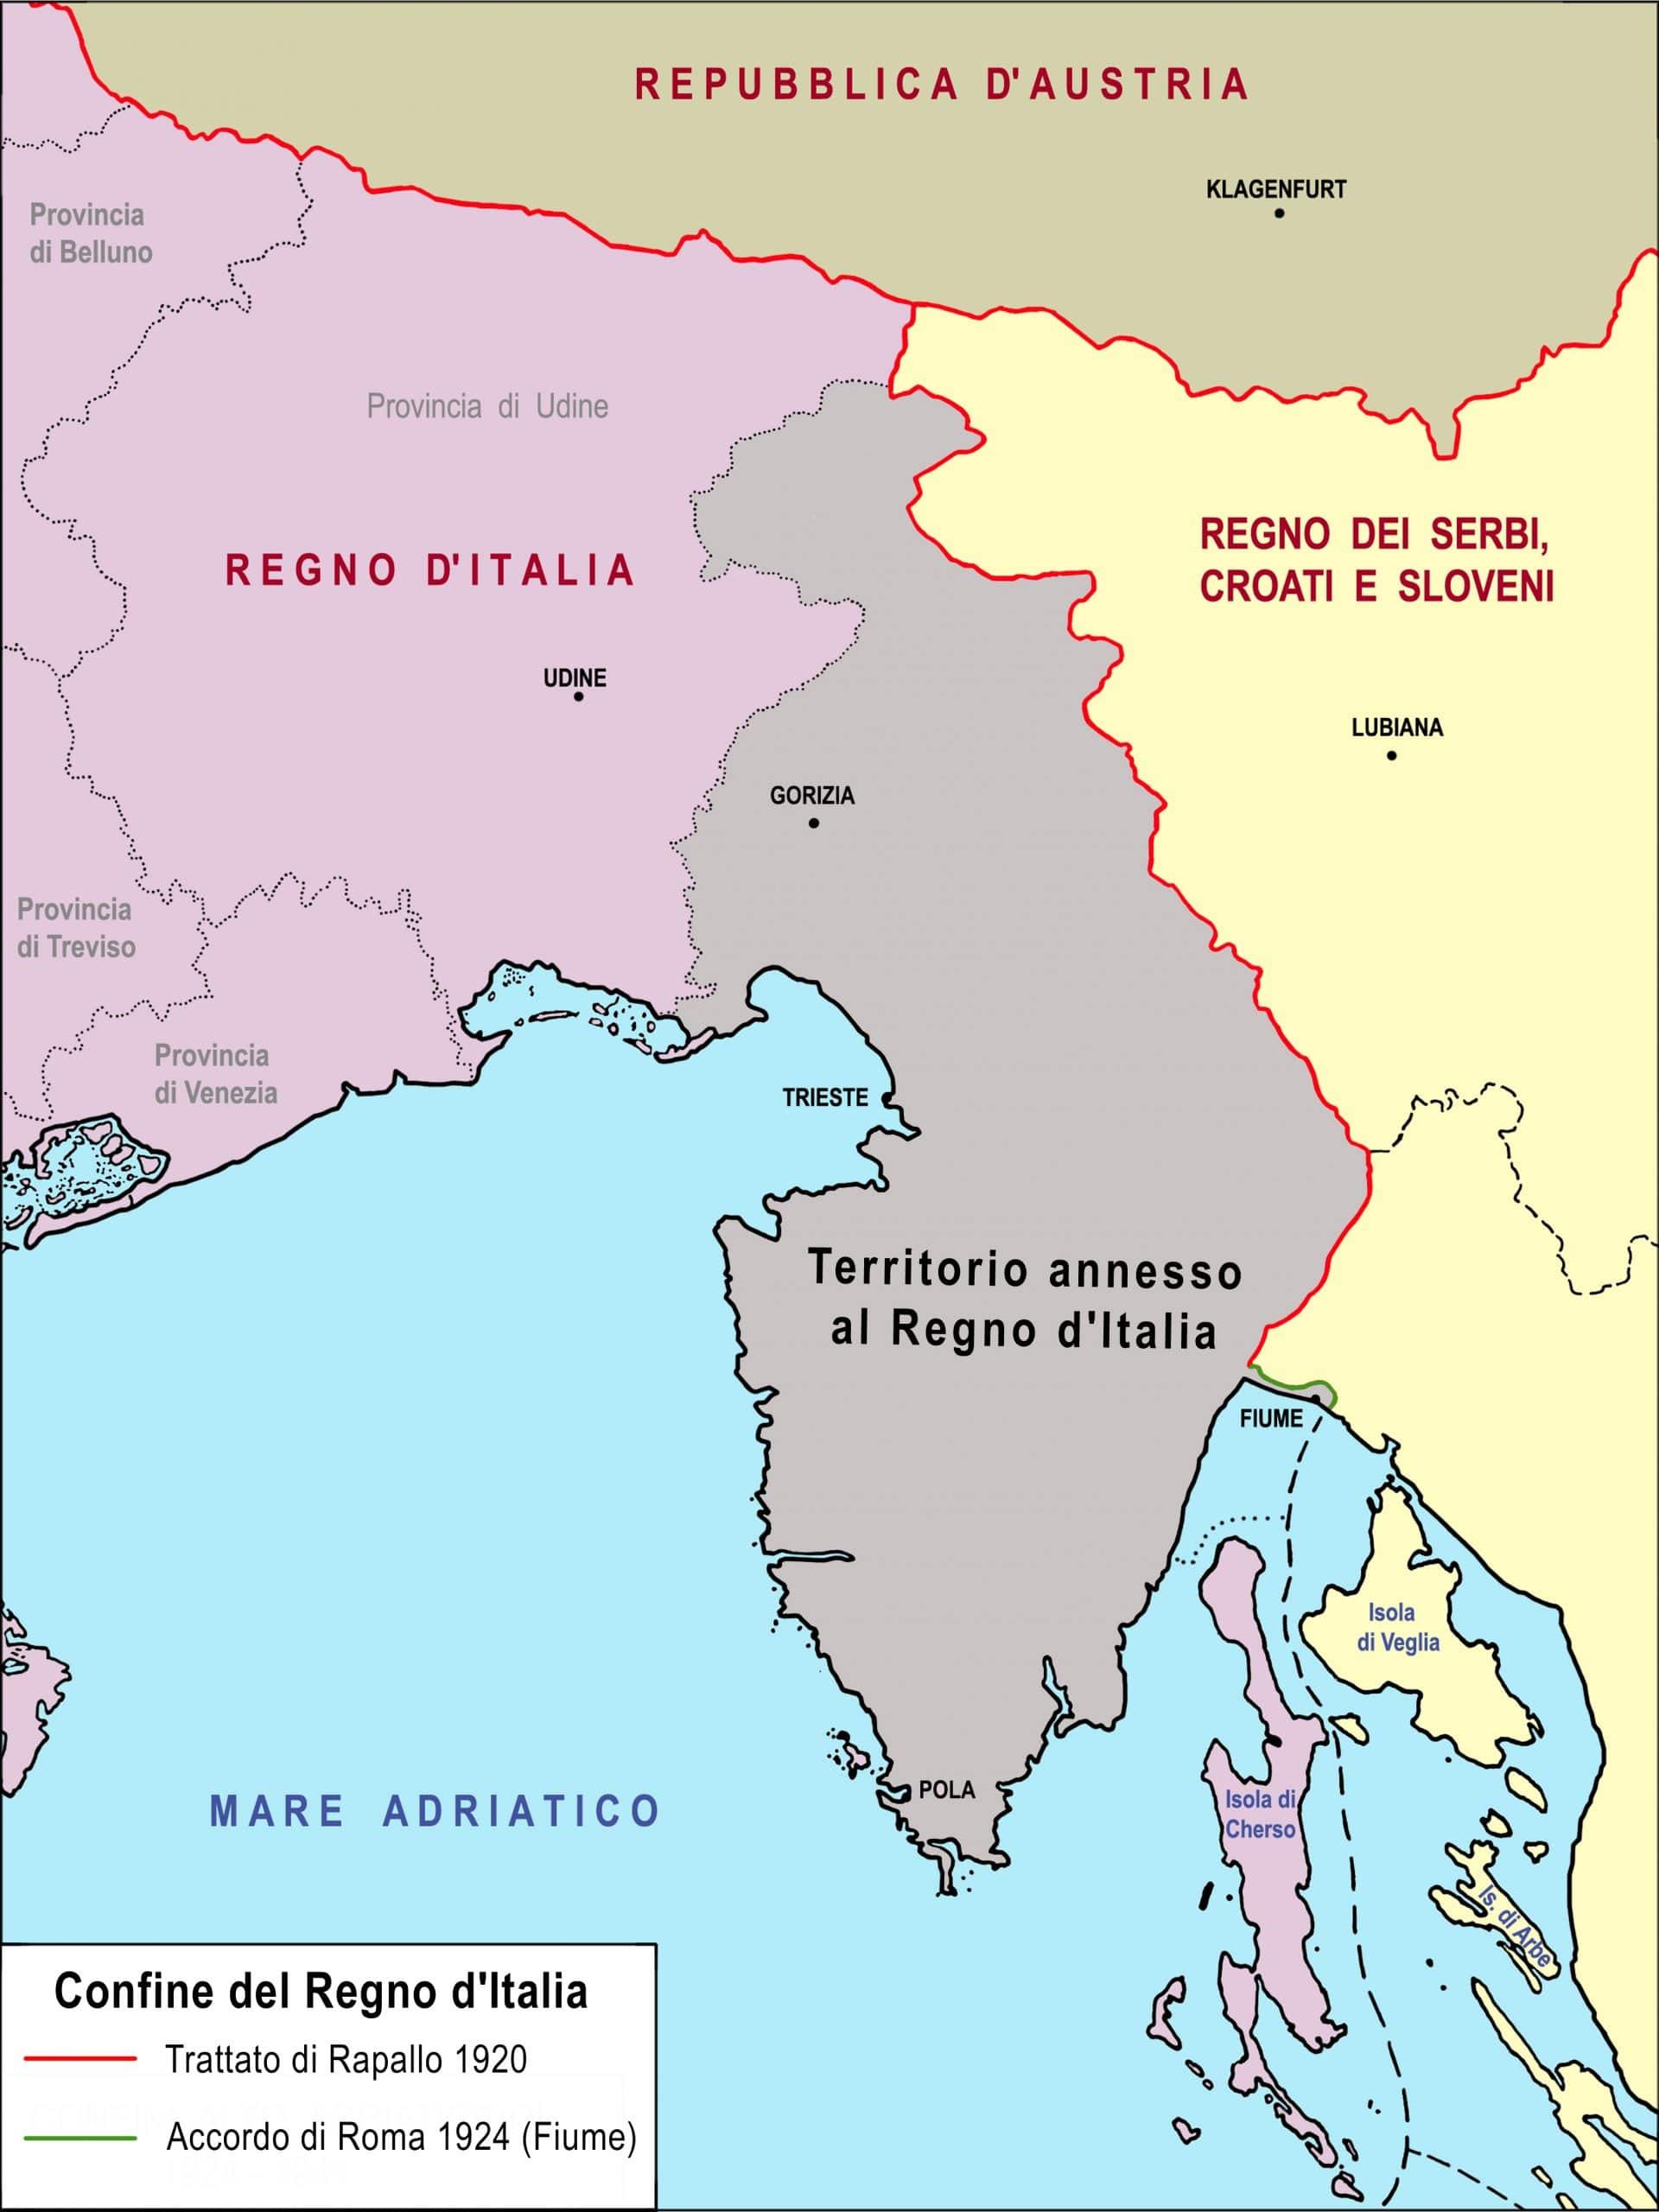 narodni dom Cartina del confine orientale italiano 1915 e 1920